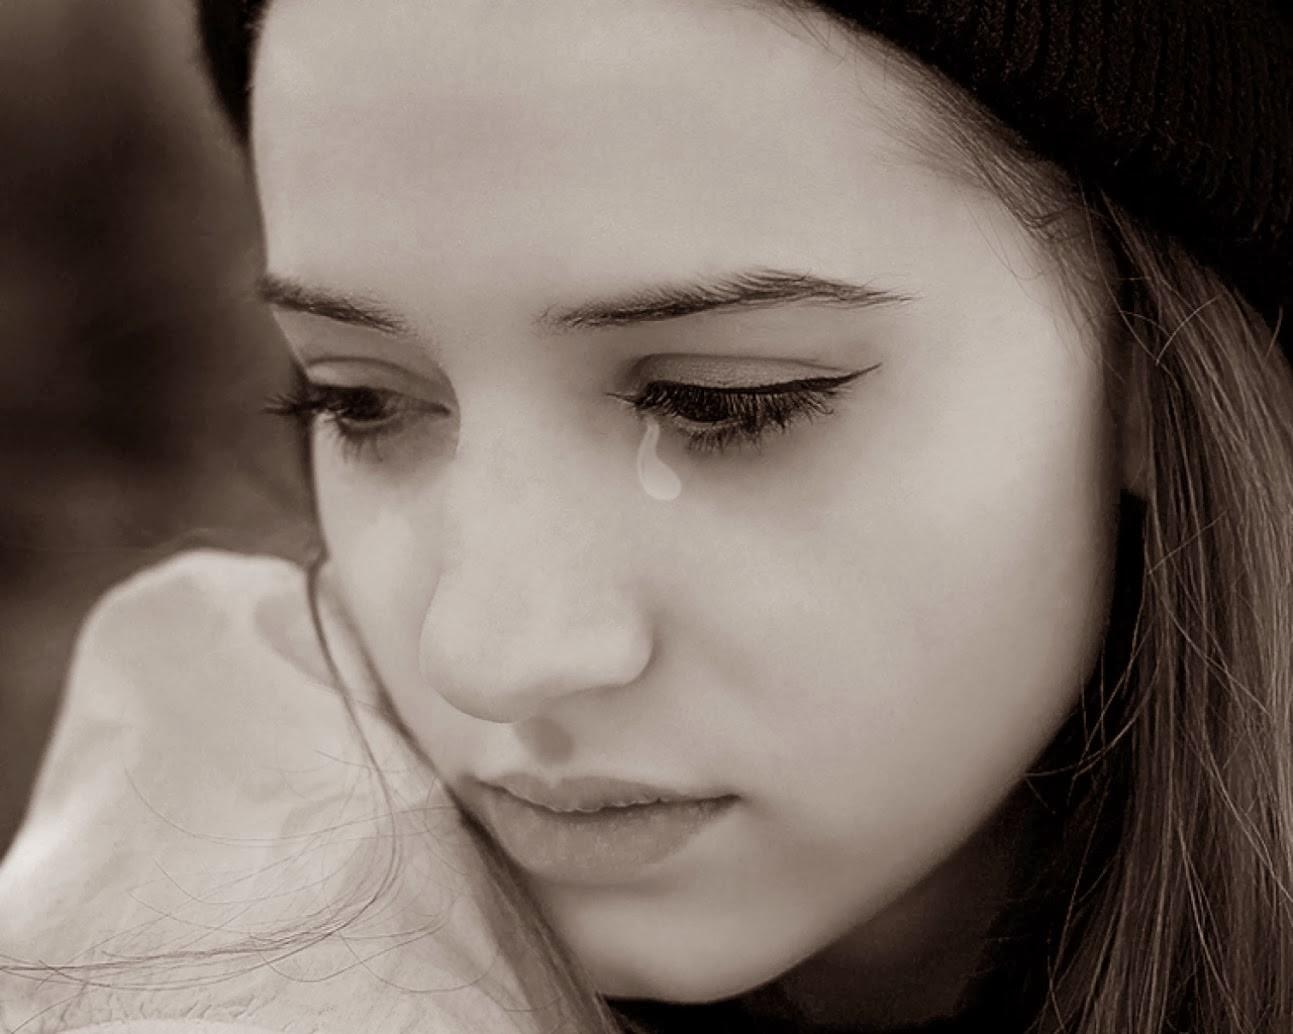 بالصور صور بنت حزينة , صور بنت حزينة مؤثرة جدا 6425 1